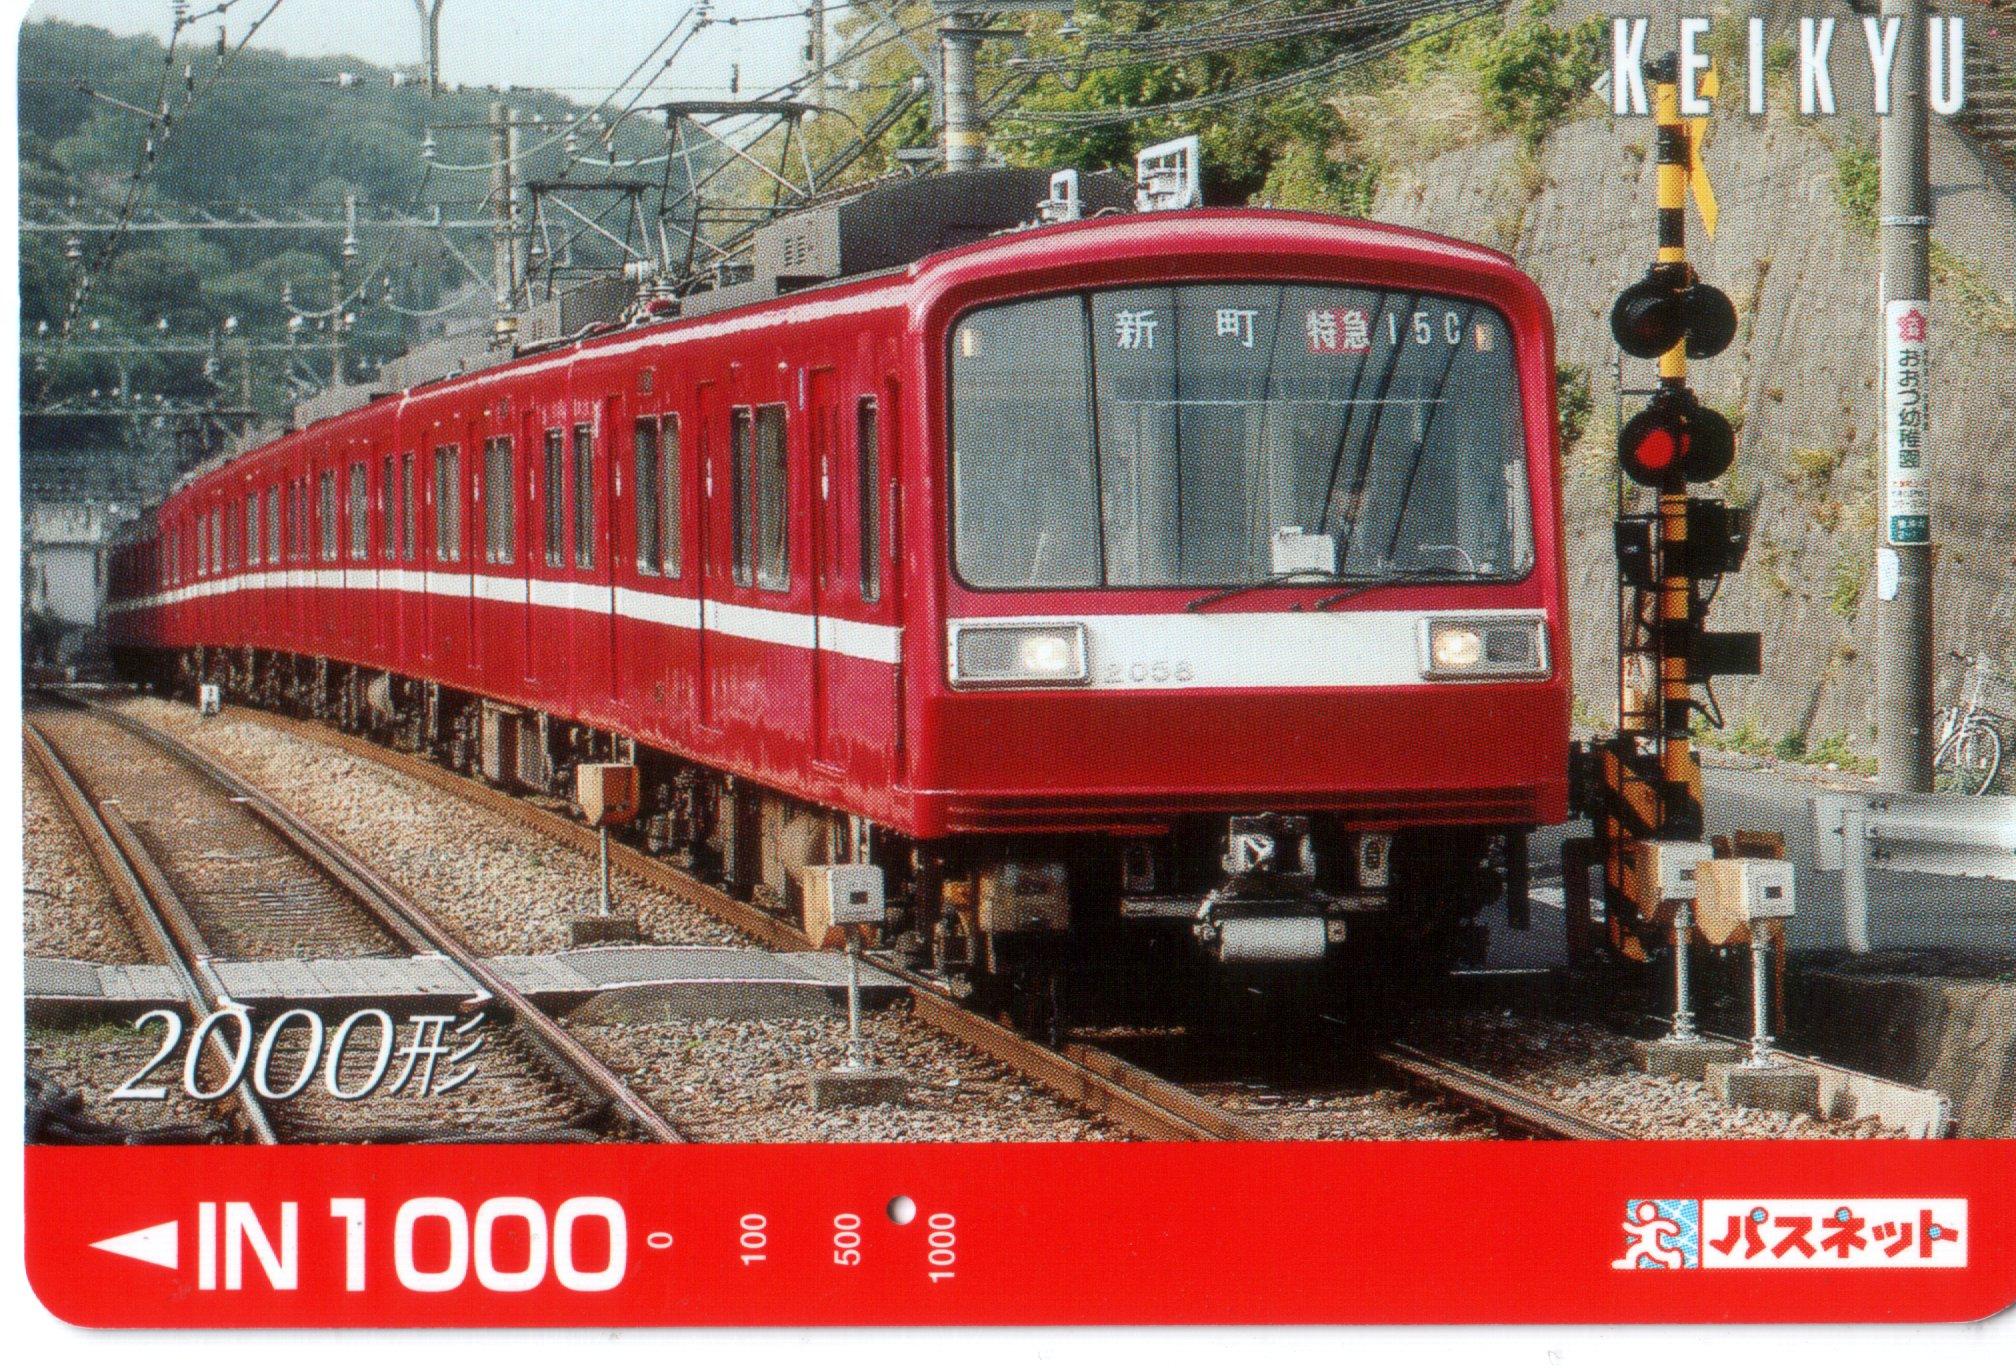 Keikyu 2000 Series